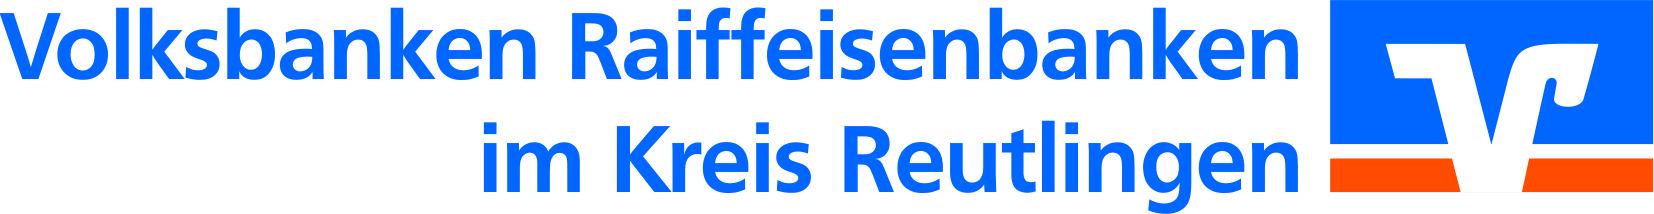 Bezirksvereinigung der Volks- und Raiffeisenbanken im Kreis Reutlingen